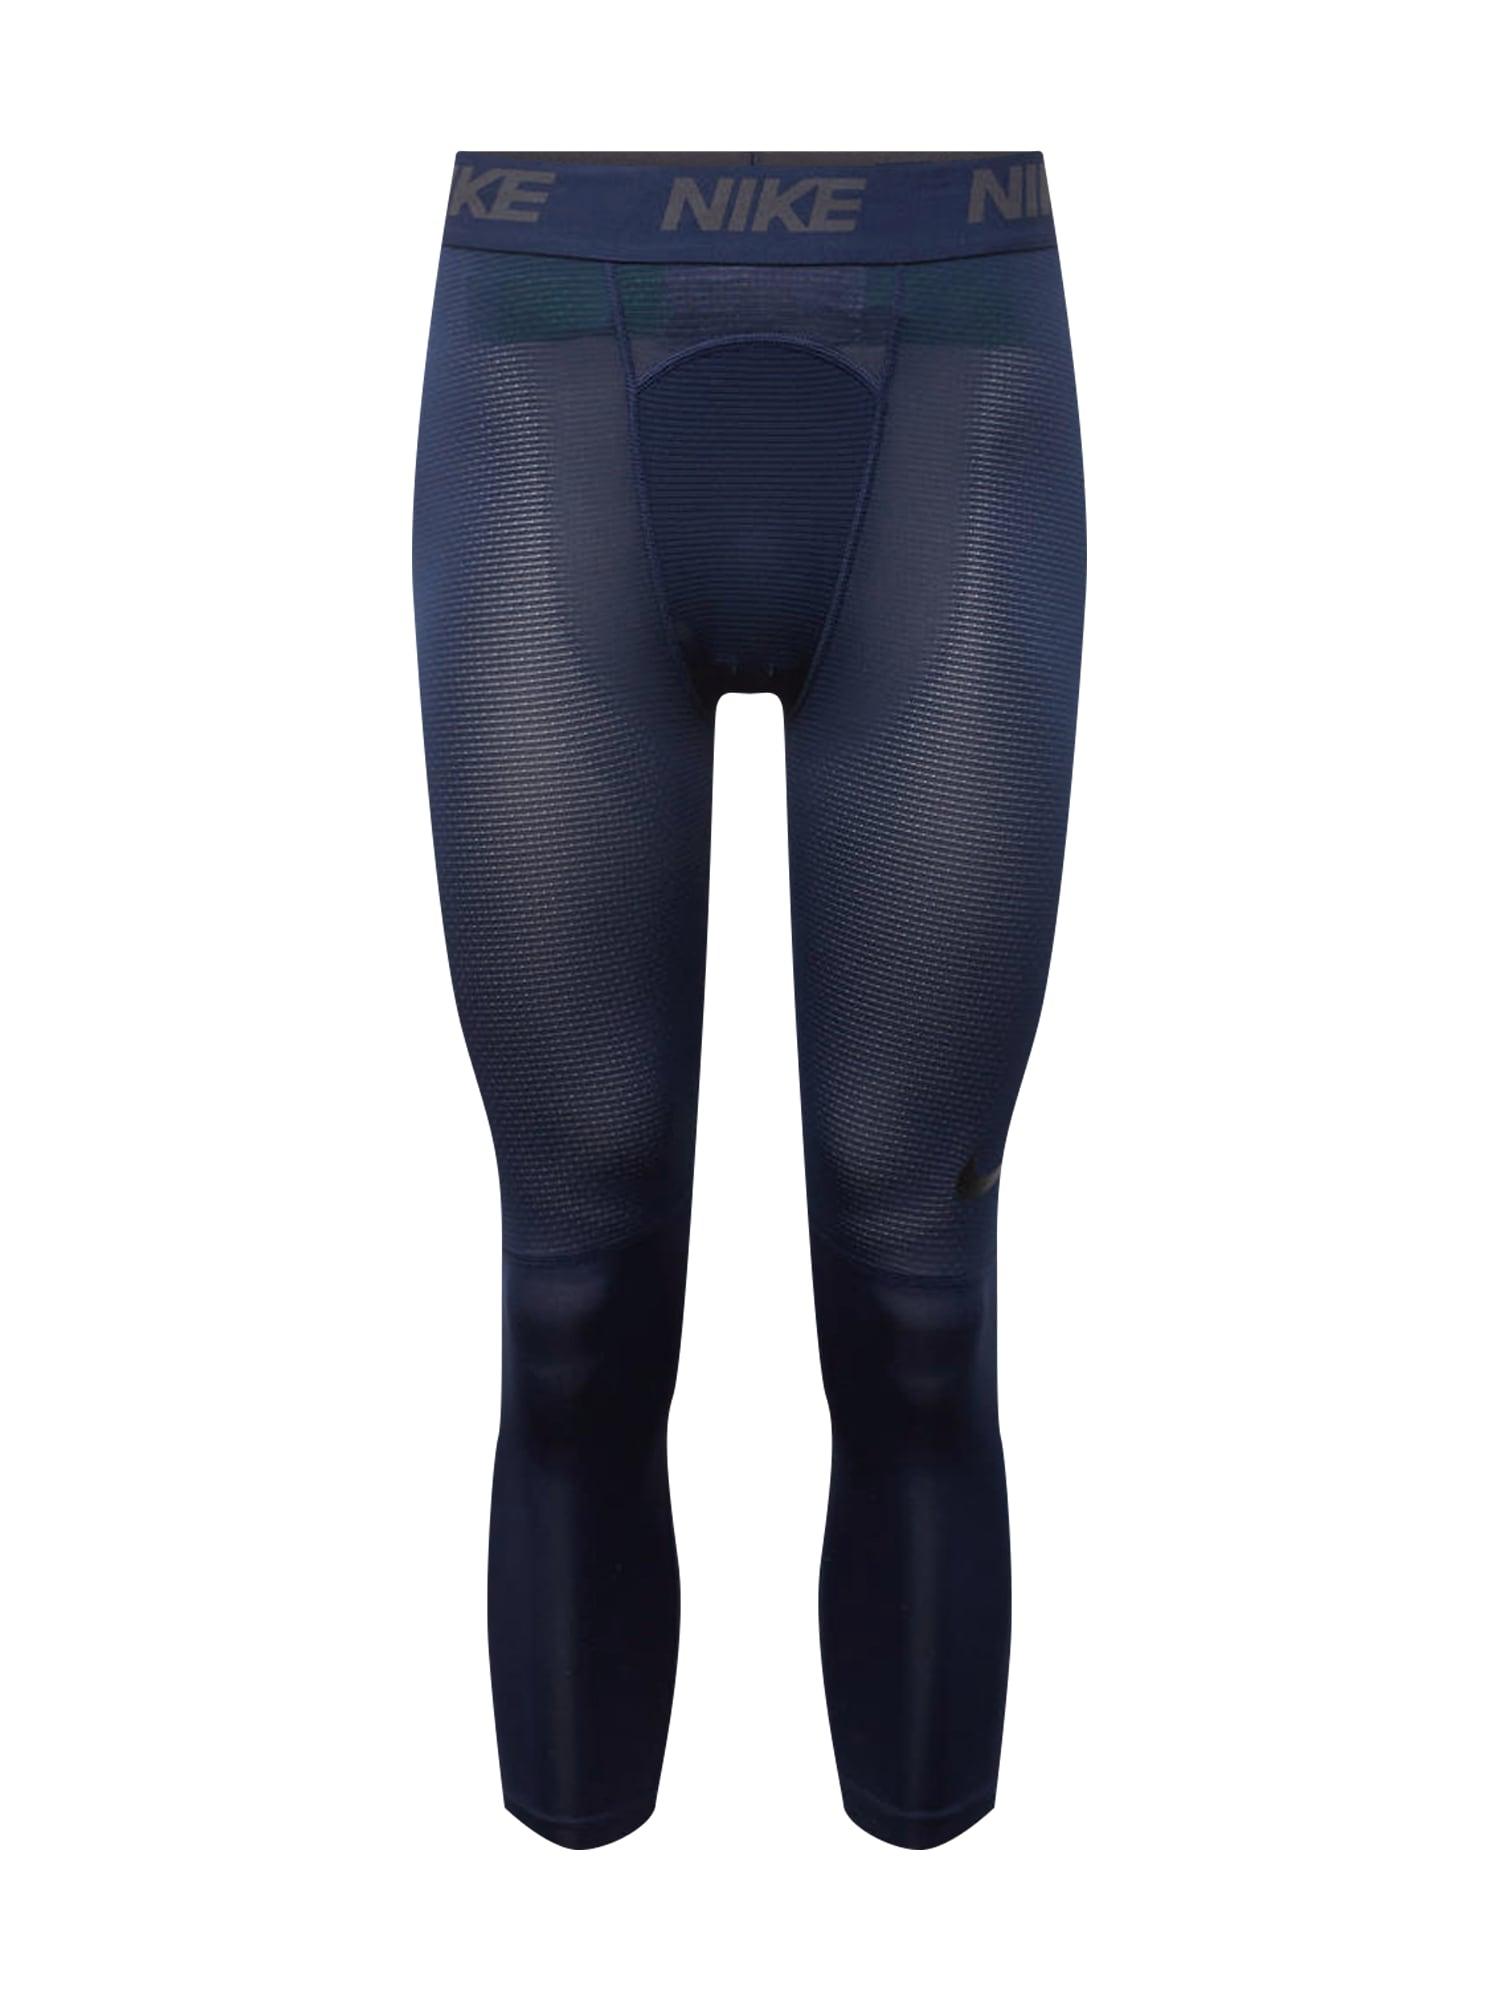 Sportovní kalhoty M NP TGHT 3QT LV tmavě modrá NIKE